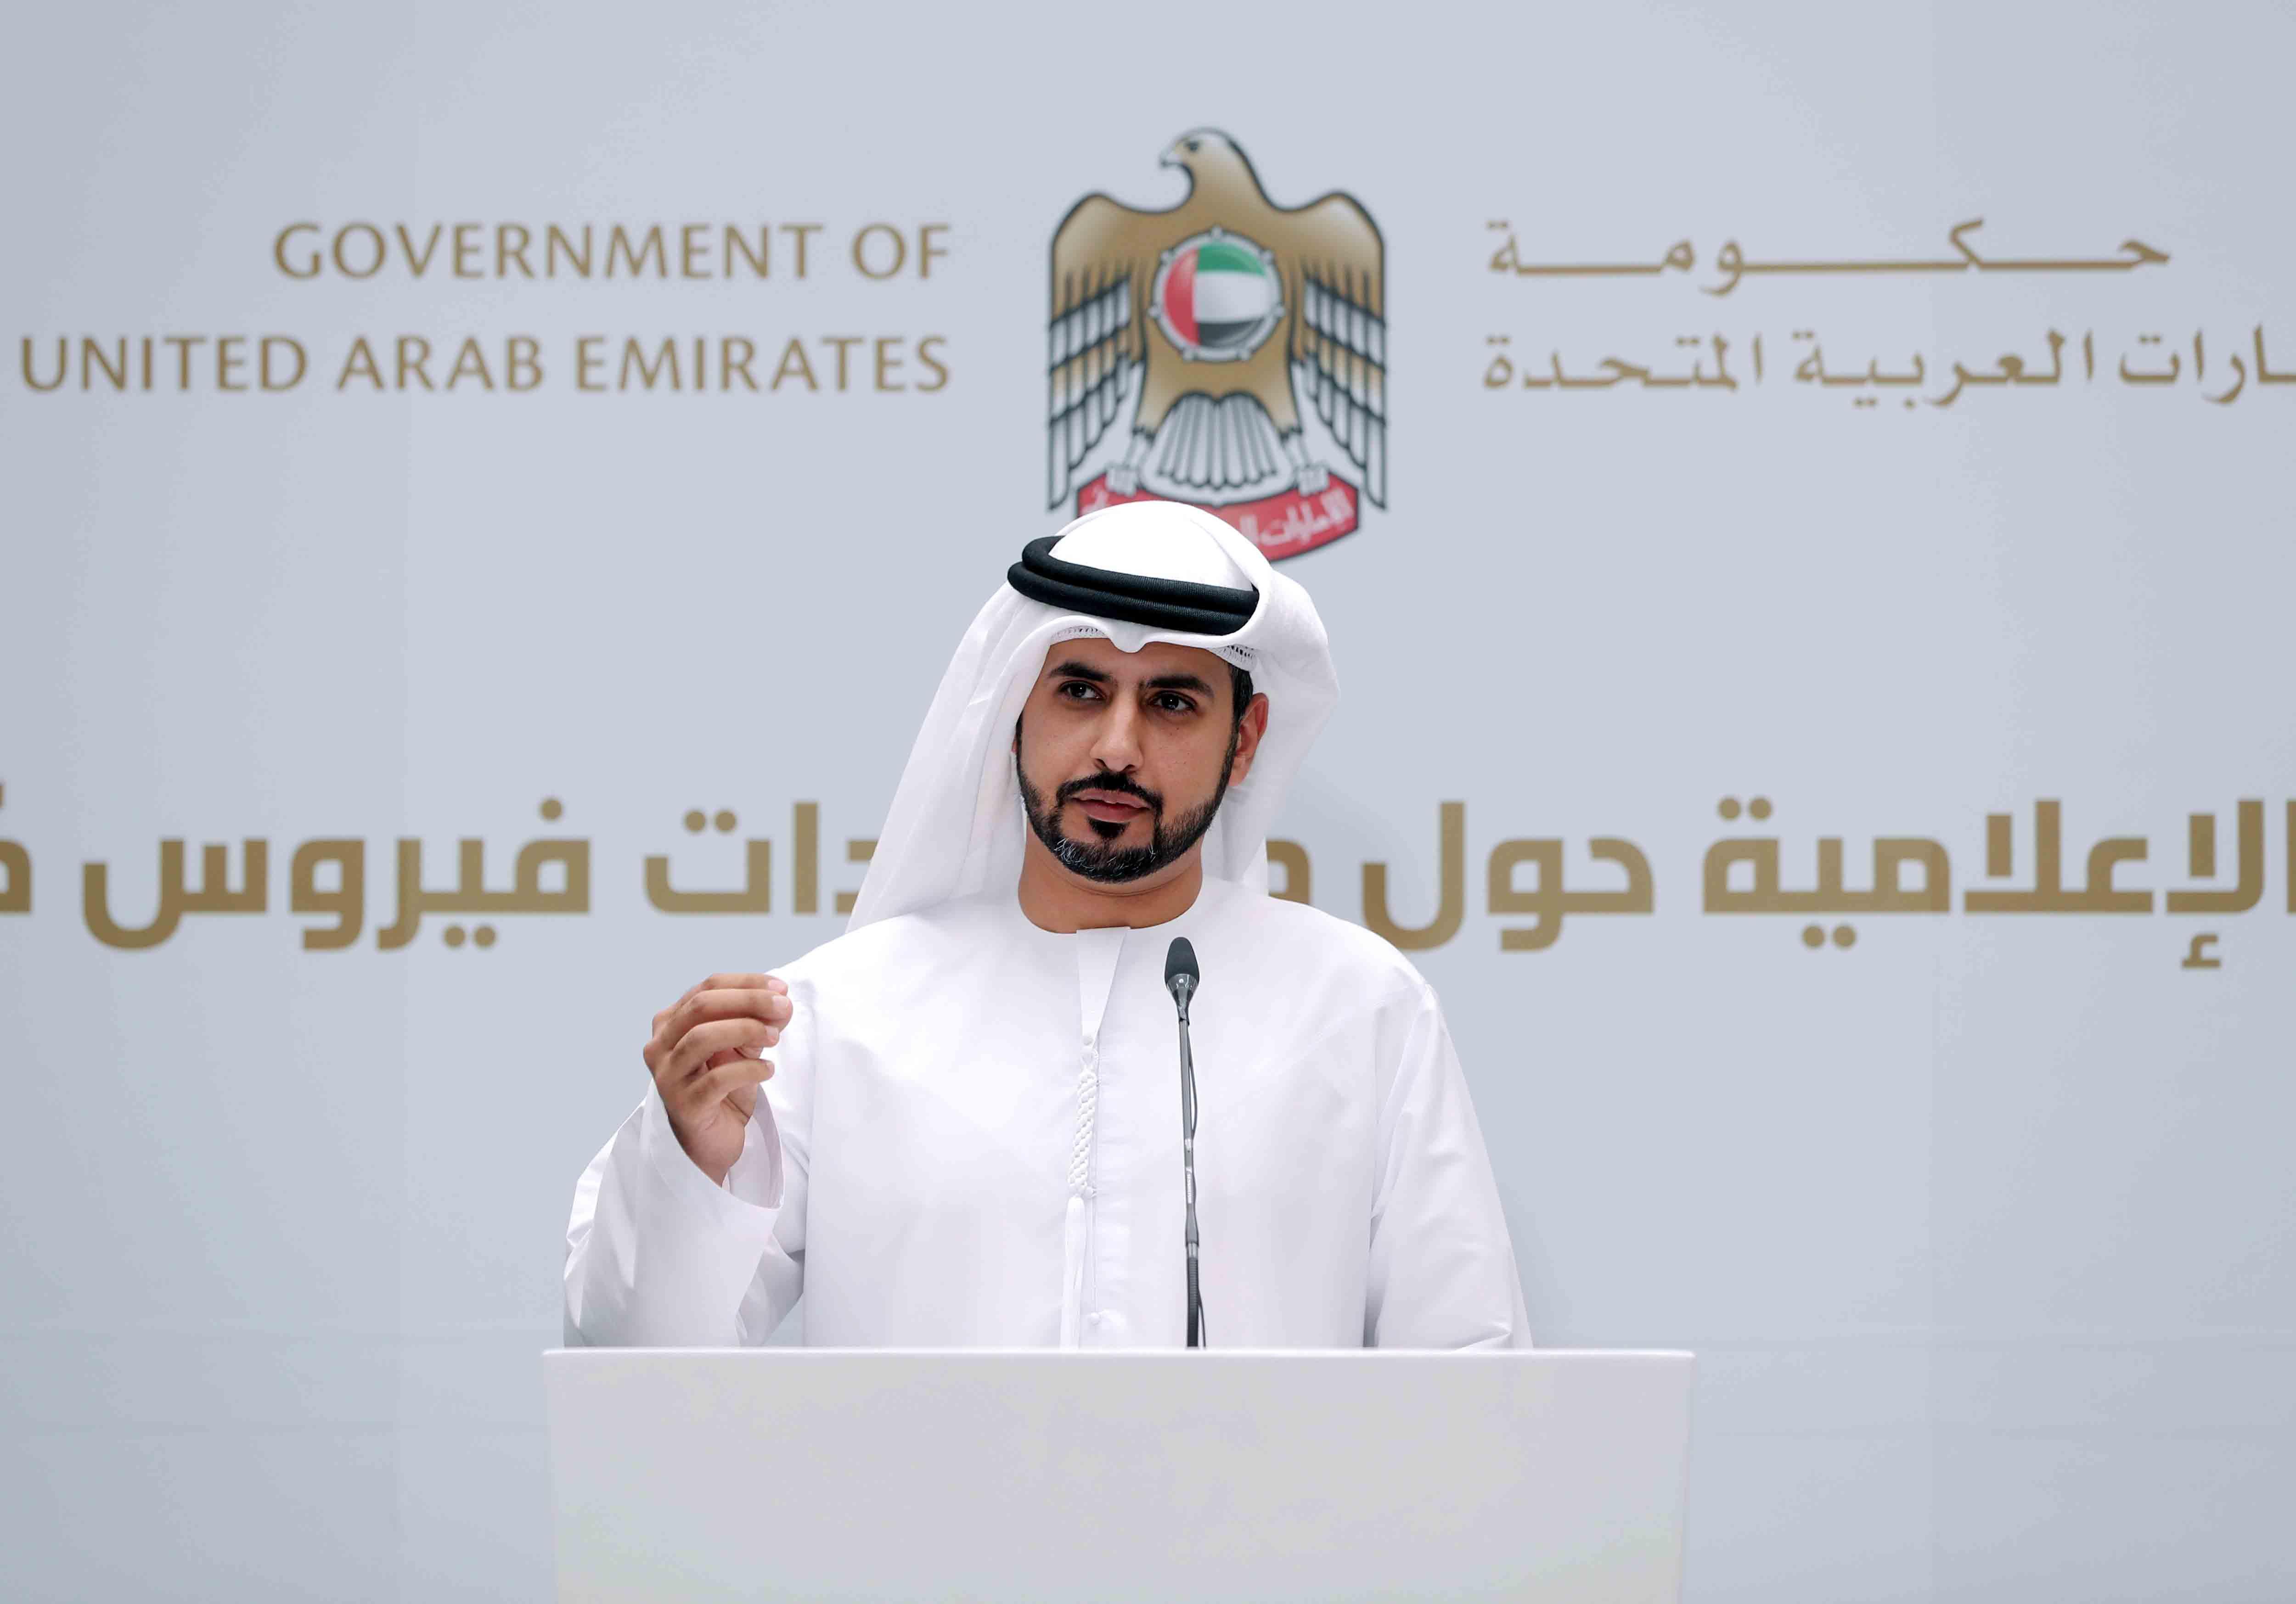 وزيرالصحة ووقاية المجتمع :أكثر من نصف مليون فحص طبي لفيروس كورونا في الإمارات وتوسيع نطاق الفحوصات خلال الفترة القادمة